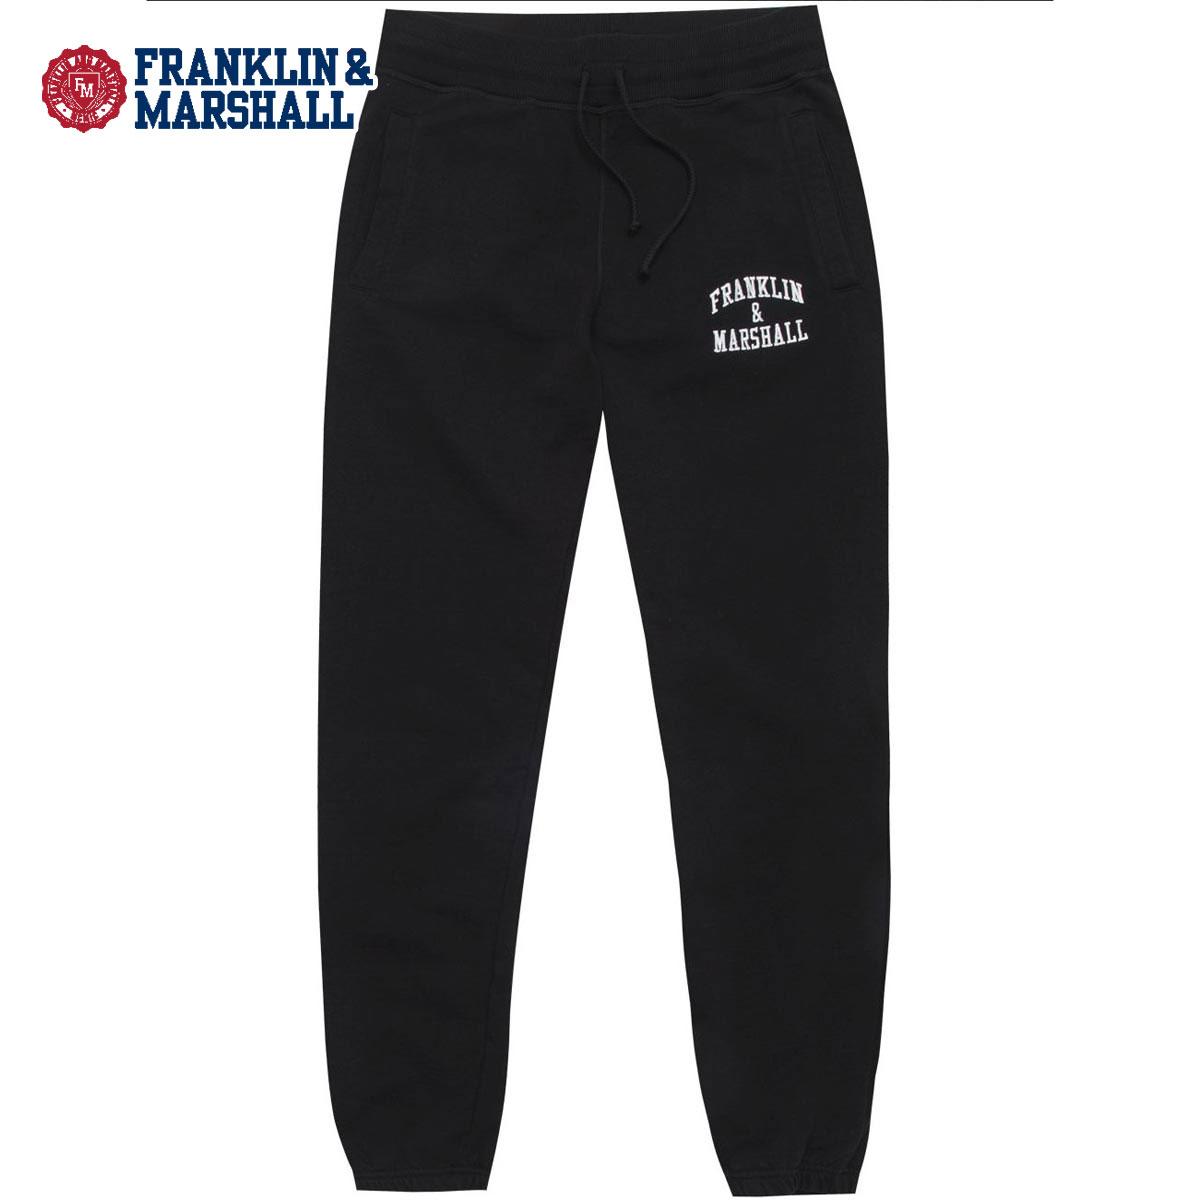 予約商品 4月頃入荷予定 フランクリン マーシャル FRANKLIN&MARSHALL 正規販売店 メンズ スウェットパンツ FLEECE PANTS PTMF432 2002 BLACK